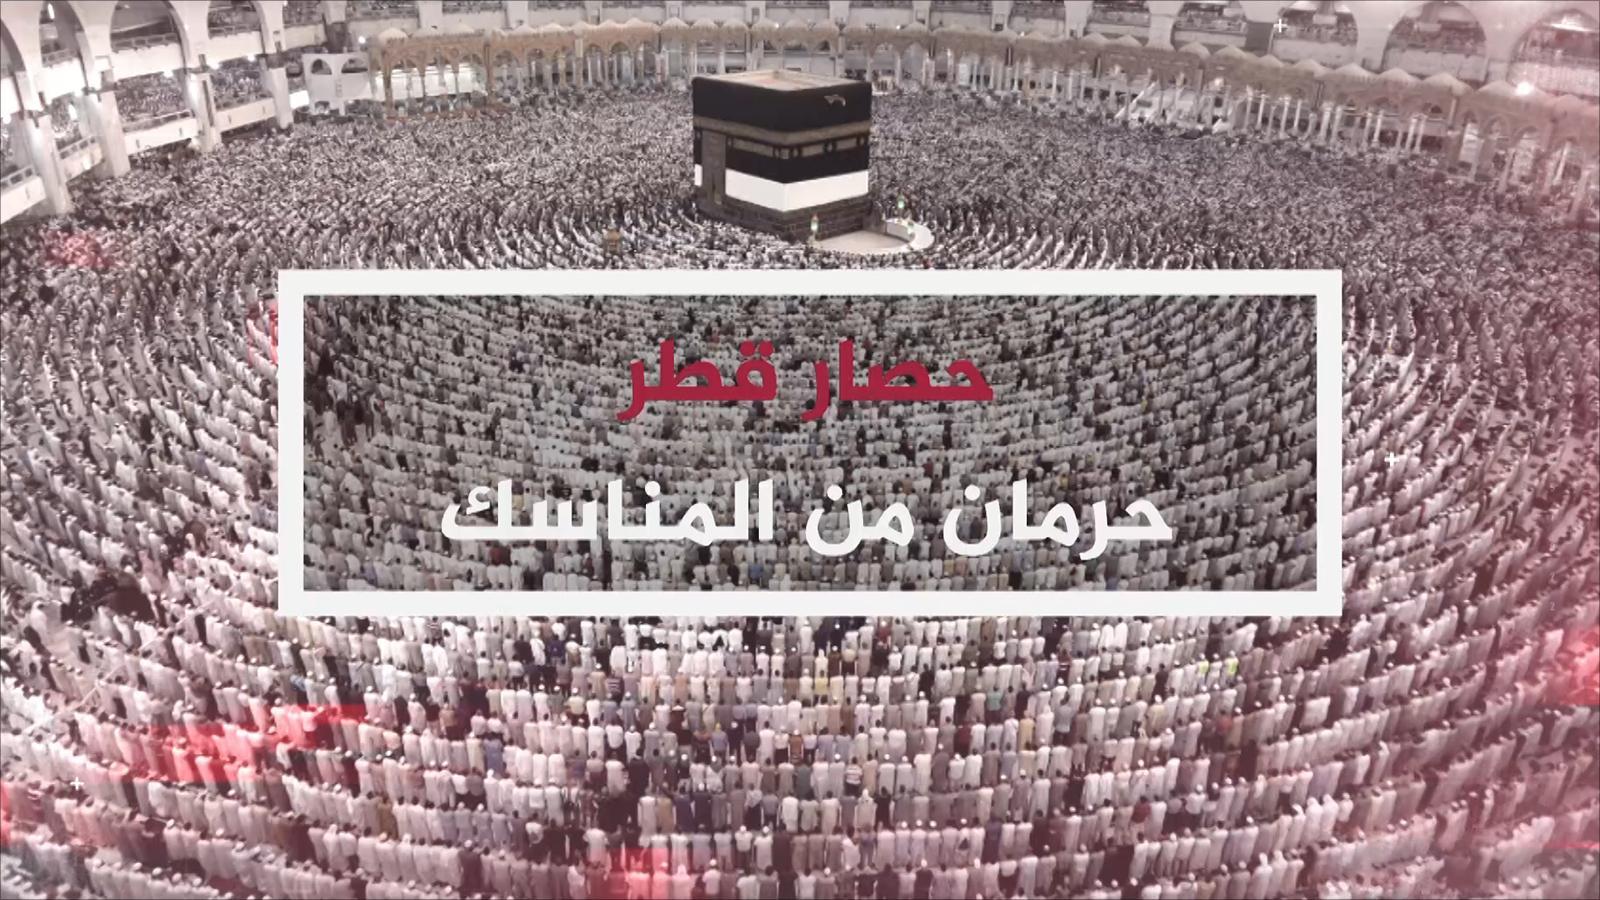 صورة لجنة: 168 انتهاكًا سعوديًا بحق قطر في ملف الحج والعمرة